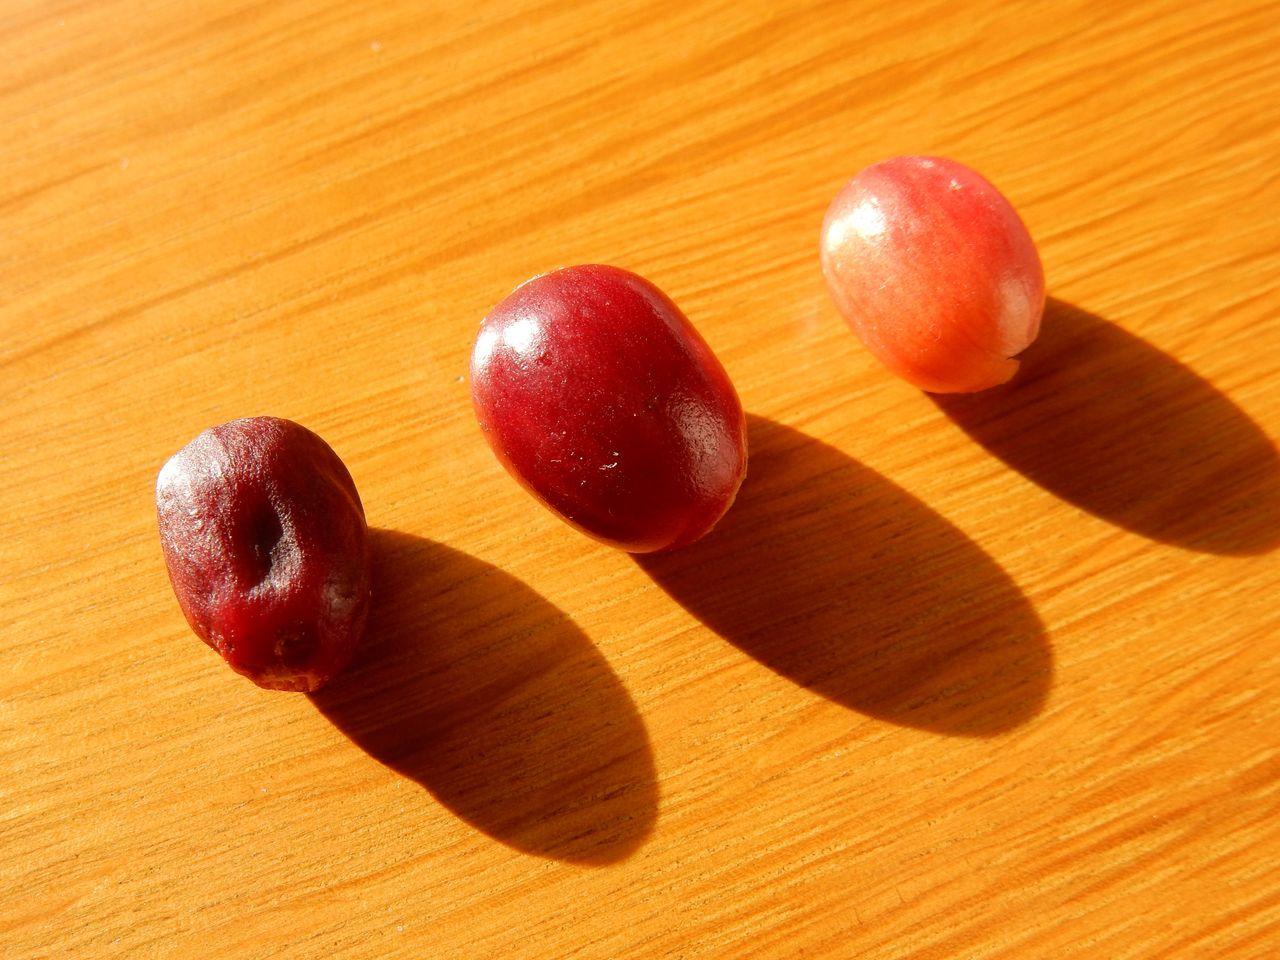 赤い一日(コーヒー収穫)_c0025115_21542356.jpg